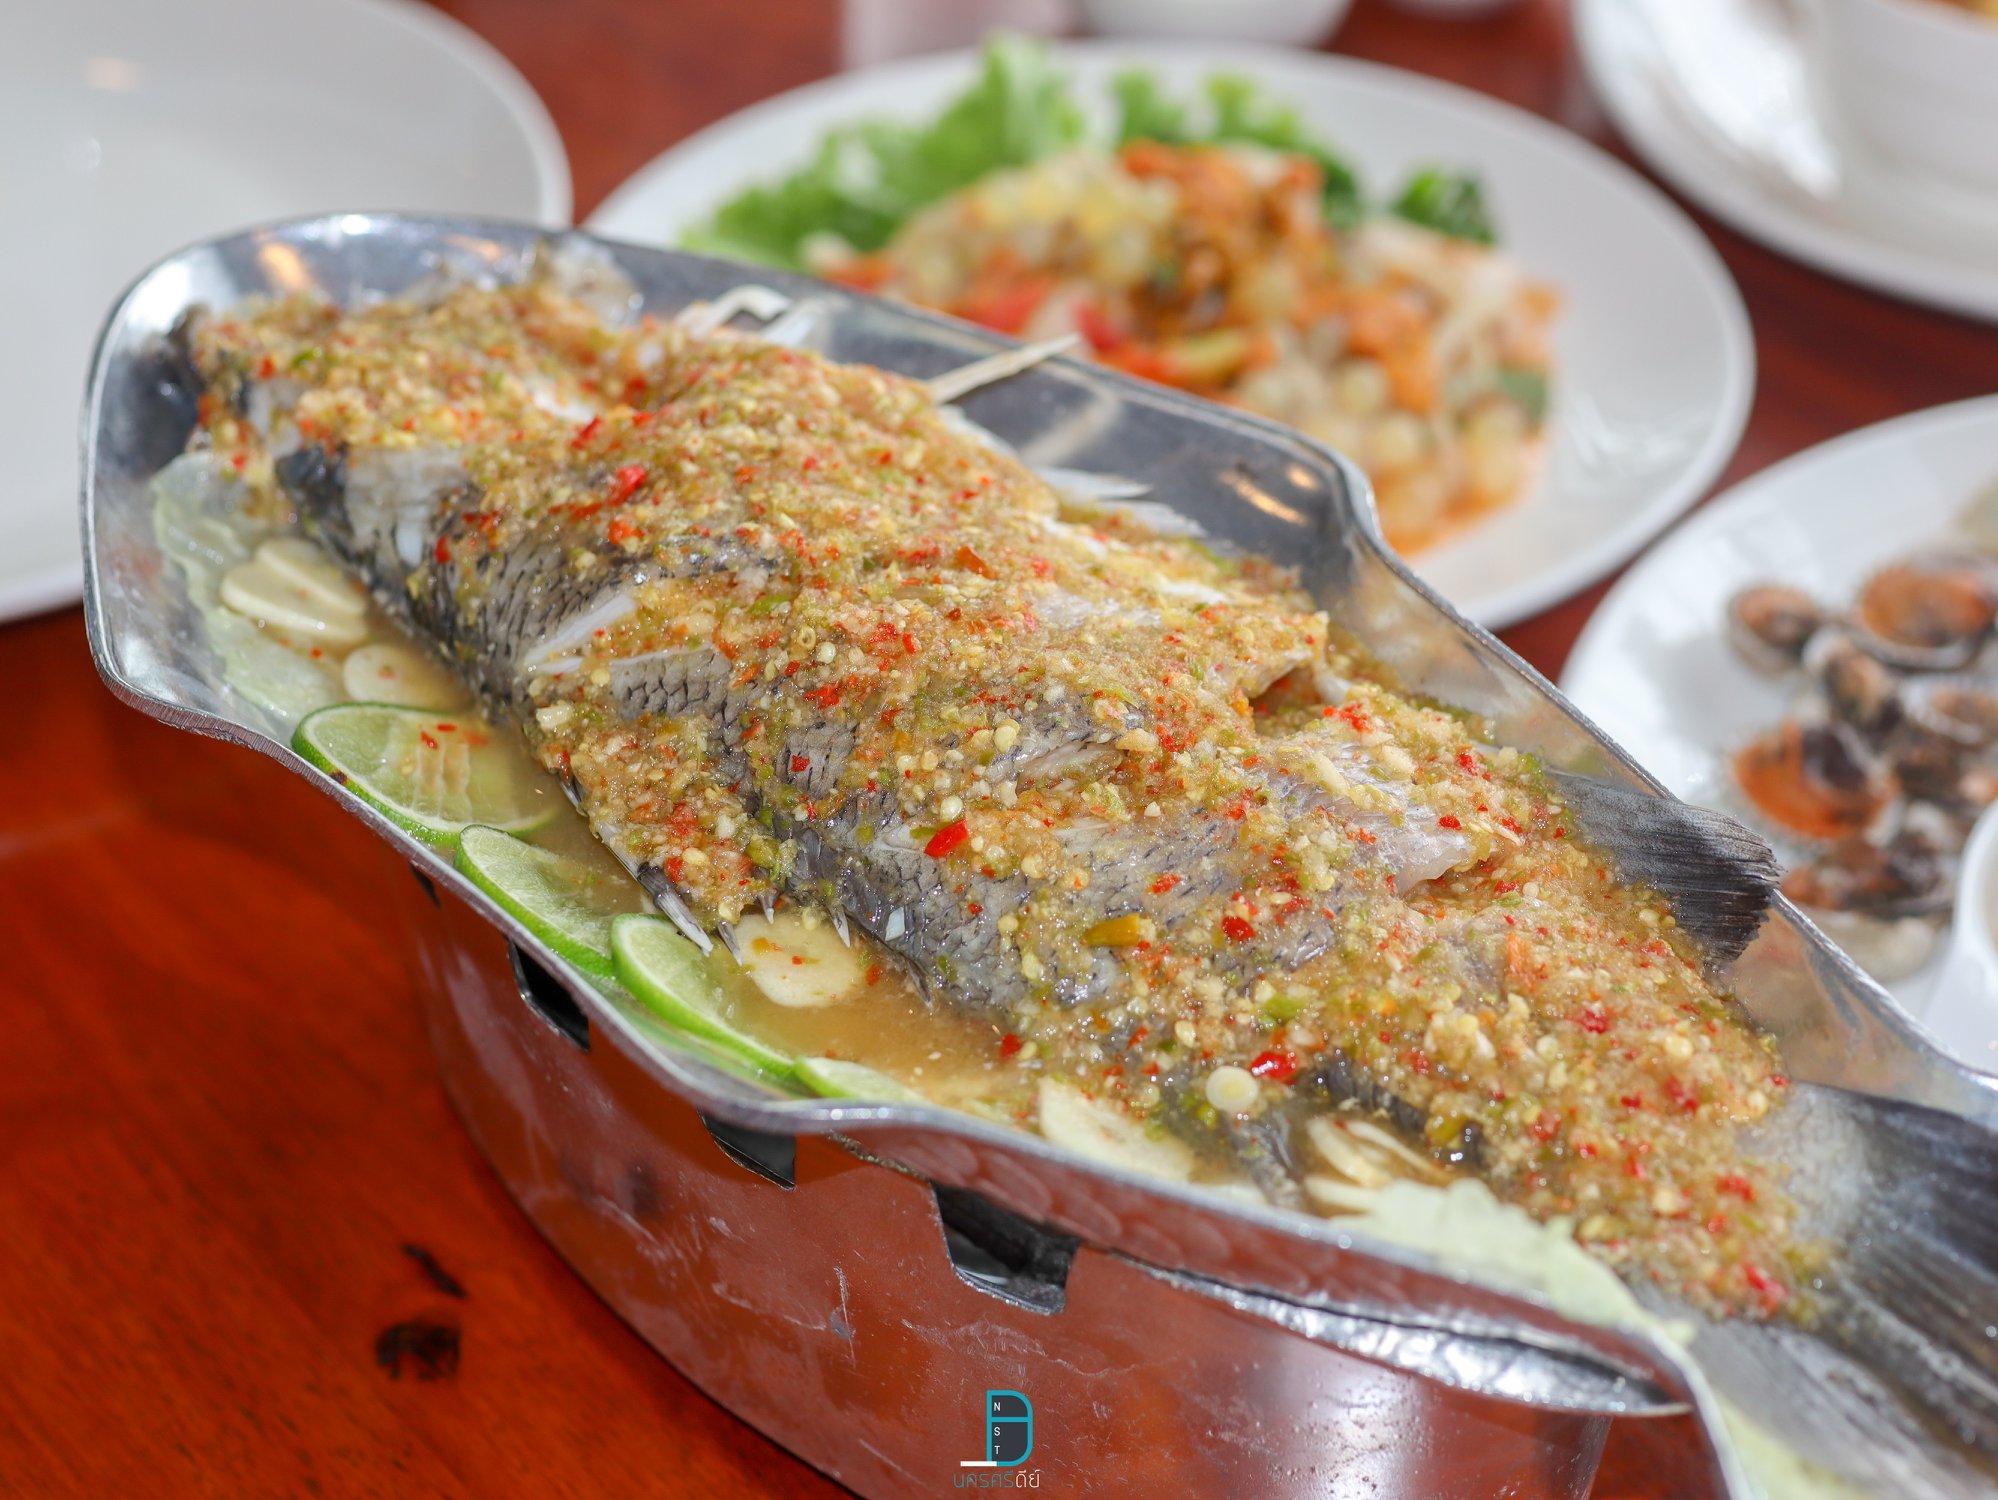 ร้านอาหารทะเล อำเภอเมืองนครศรีธรรมราช บ้านทะเล ครบ จานเดียว กับข้าว มีครบ นครศรีดีย์